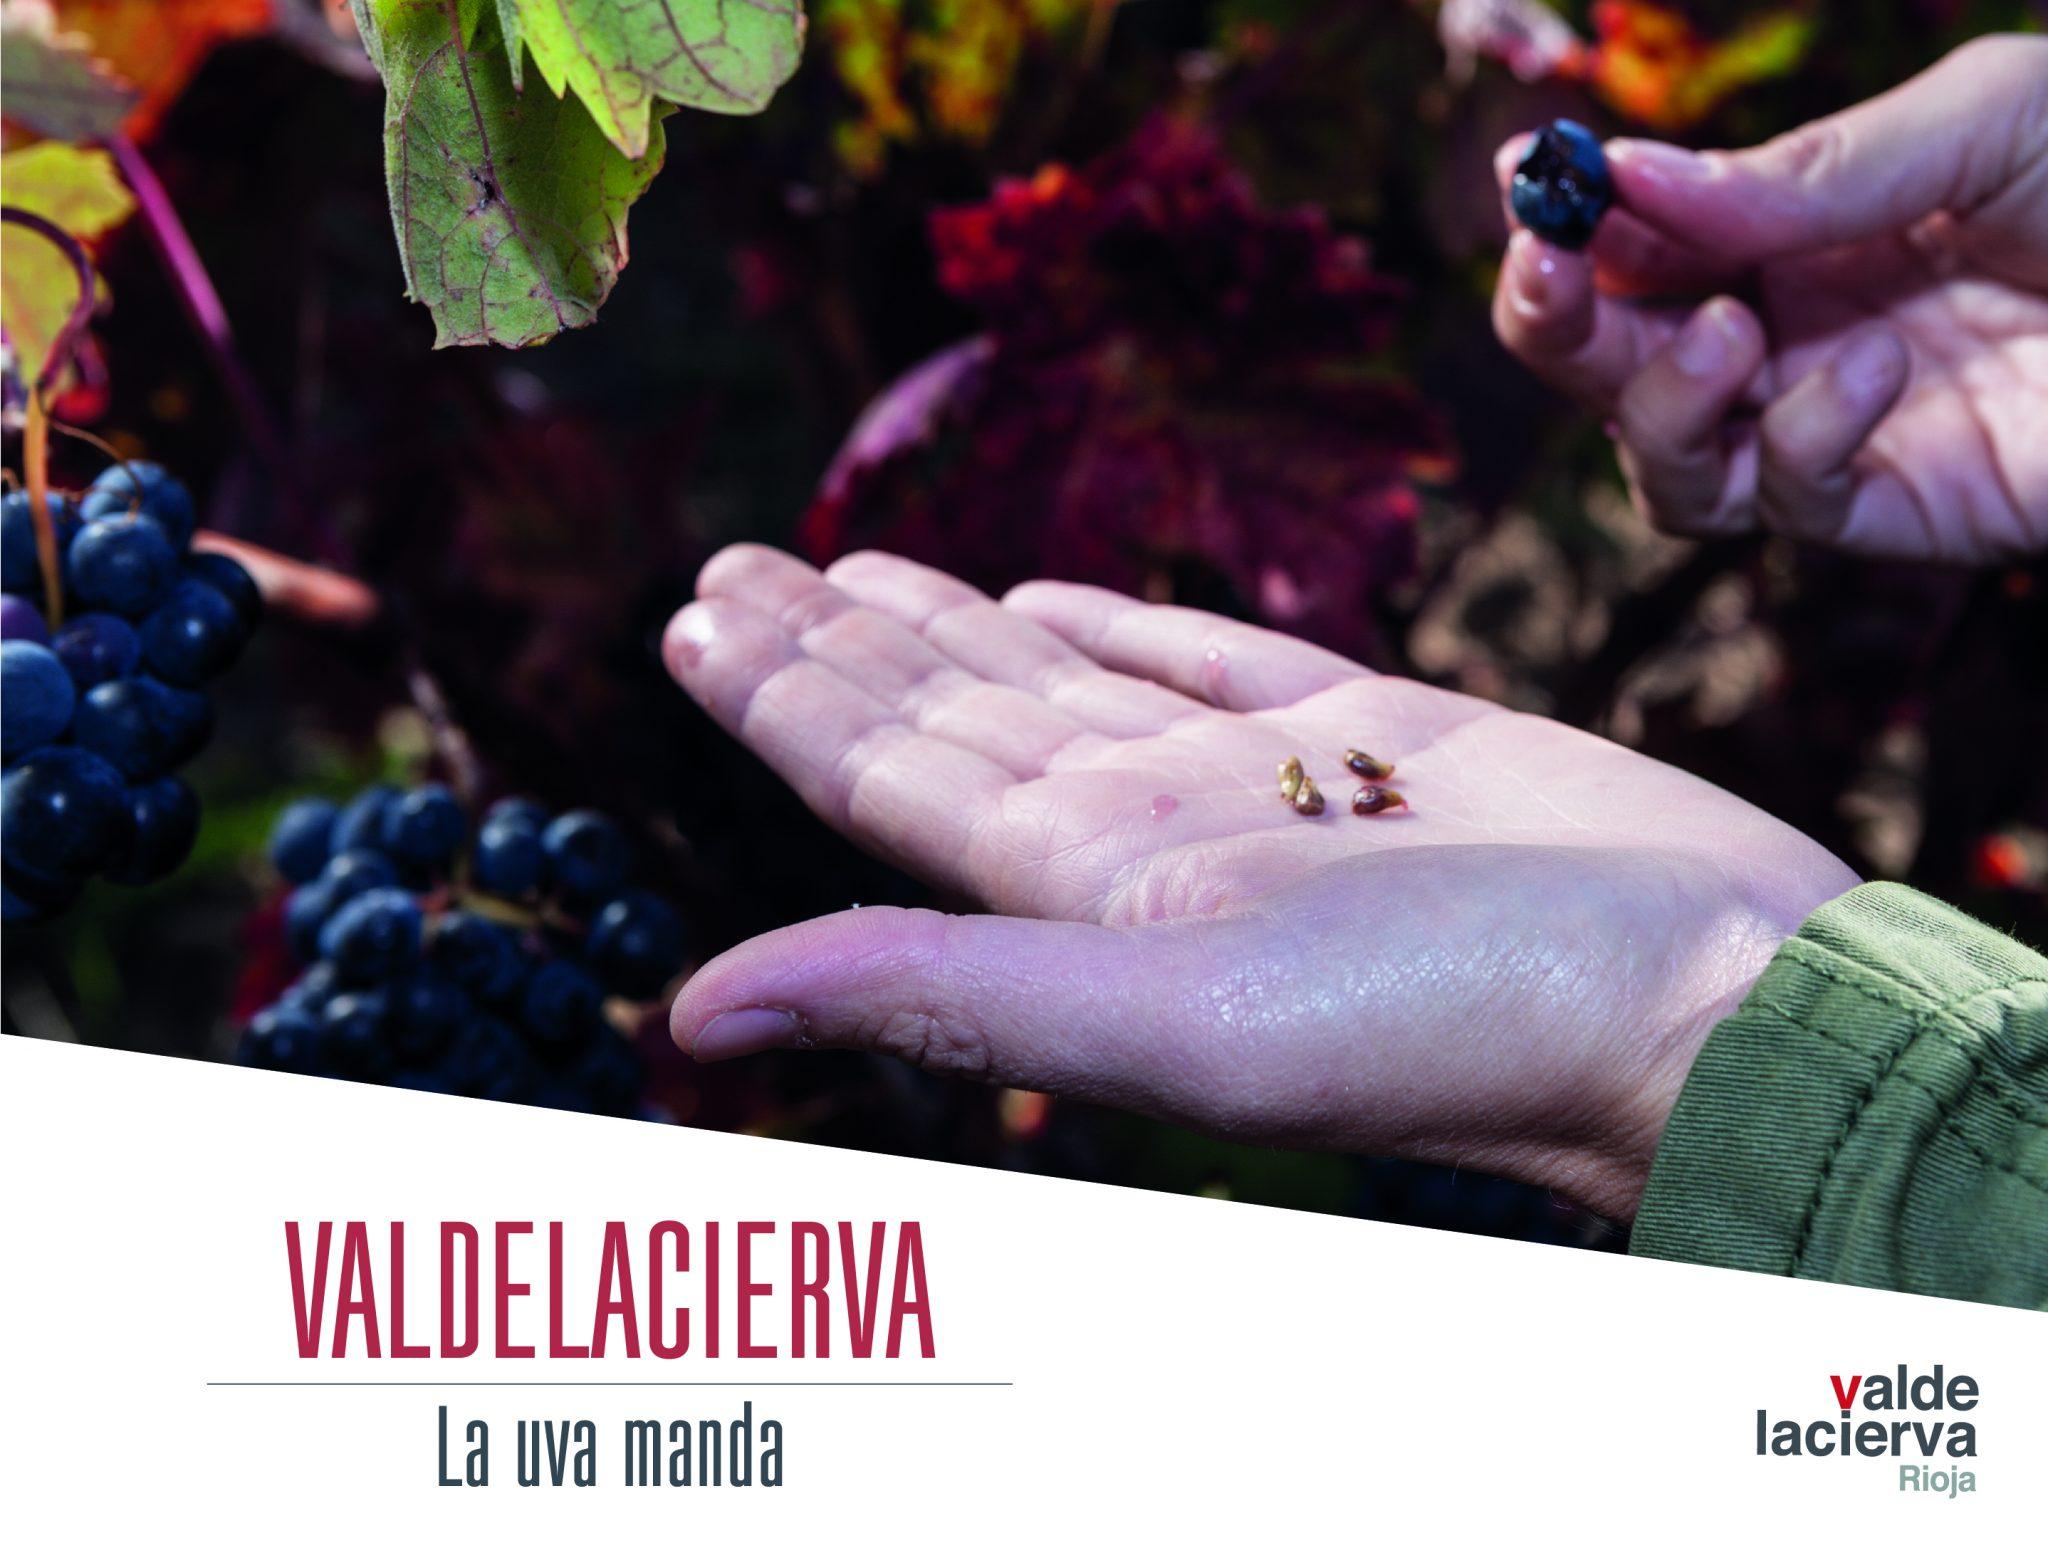 La Uva manda en Valdelacierva